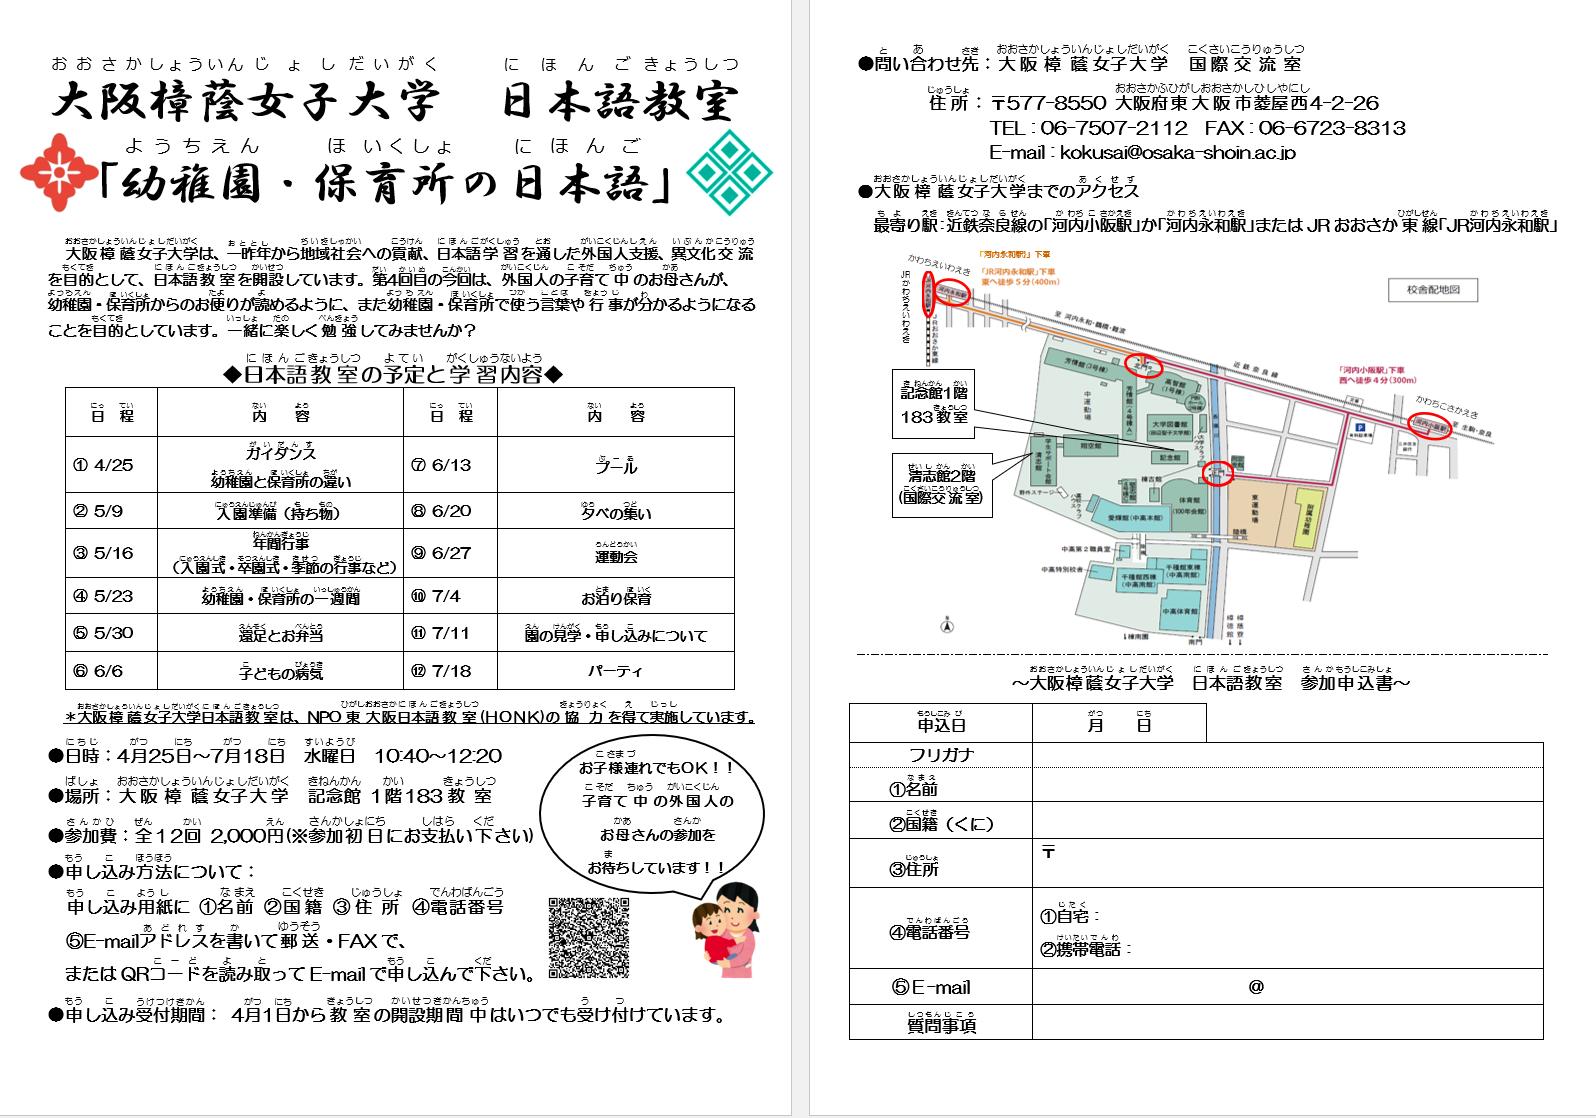 大阪樟蔭女子大学日本語教室開催のお知らせ_e0175020_00062078.png